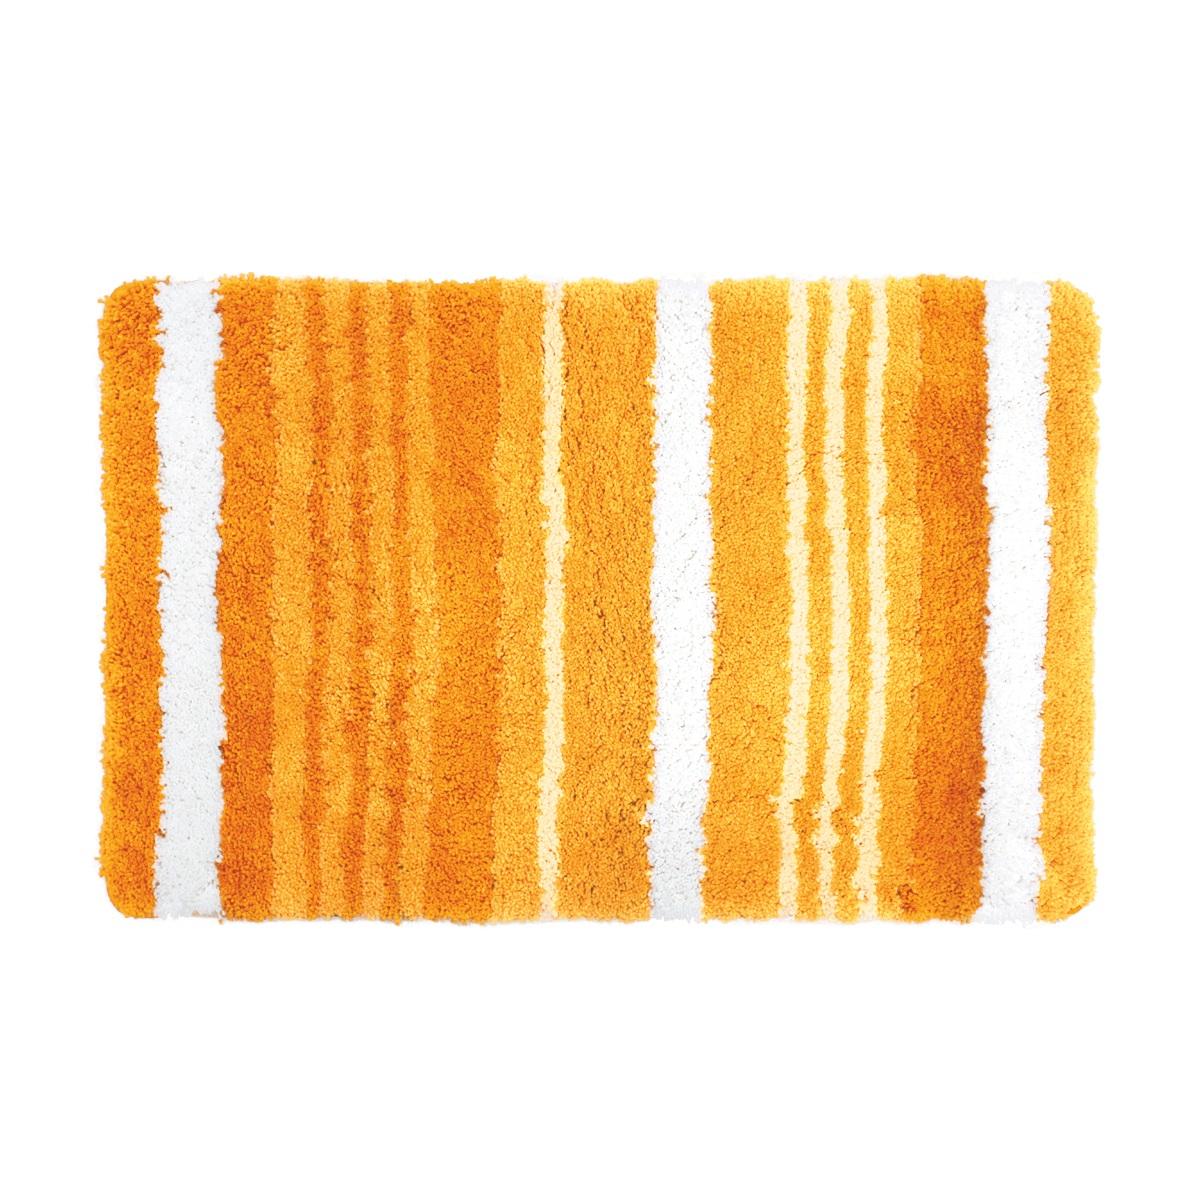 Коврик для ванной Iddis Orange Horizon, цвет: оранжевый, 60 х 90 см коврик для ванной iddis curved lines 50x80 см 402a580i12